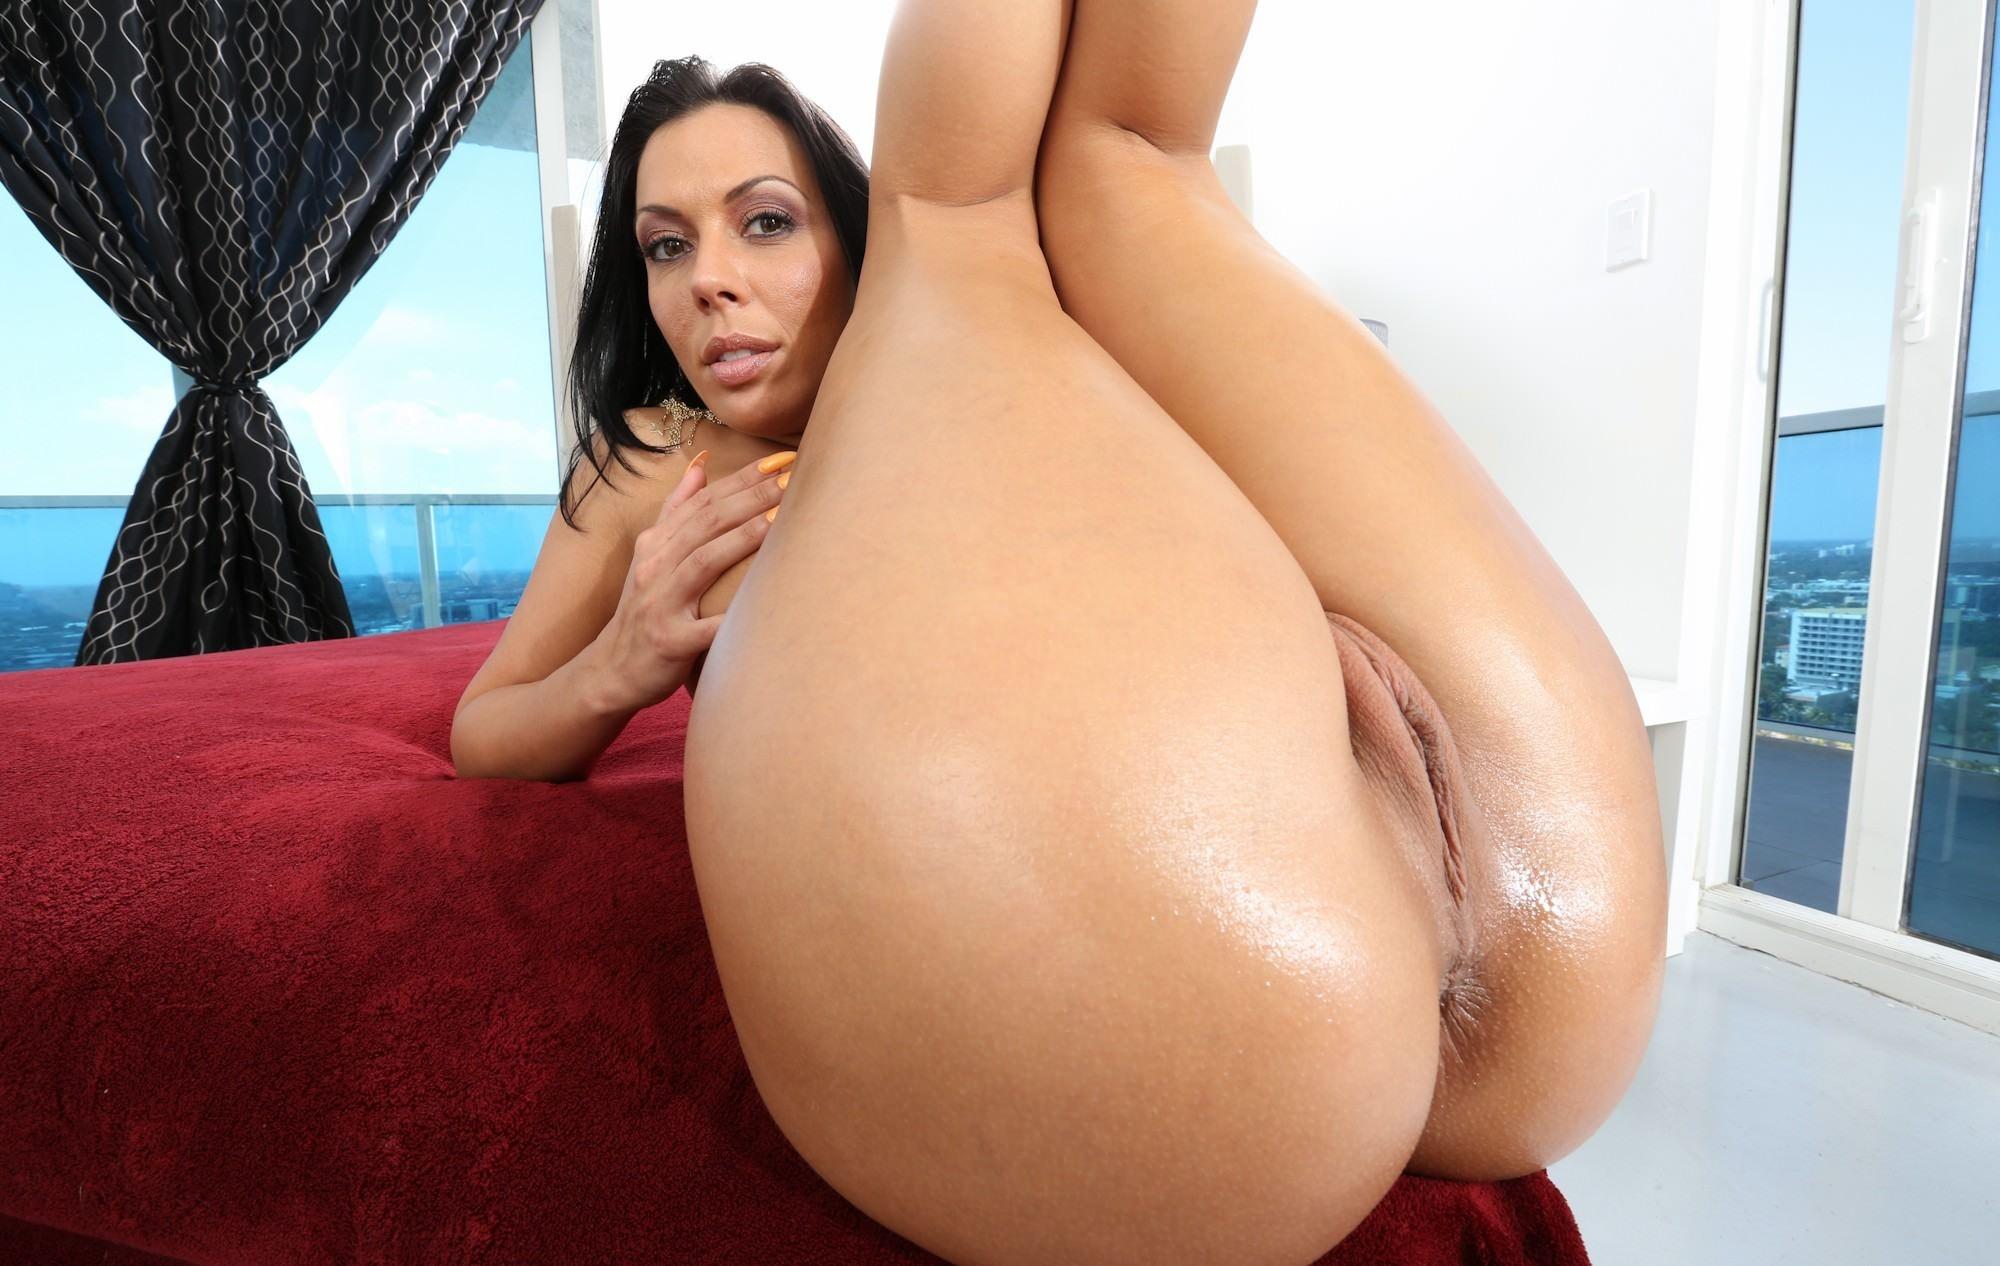 Фото большие попки сиськи, Голые жопы - порно фото с большими и огромными 21 фотография